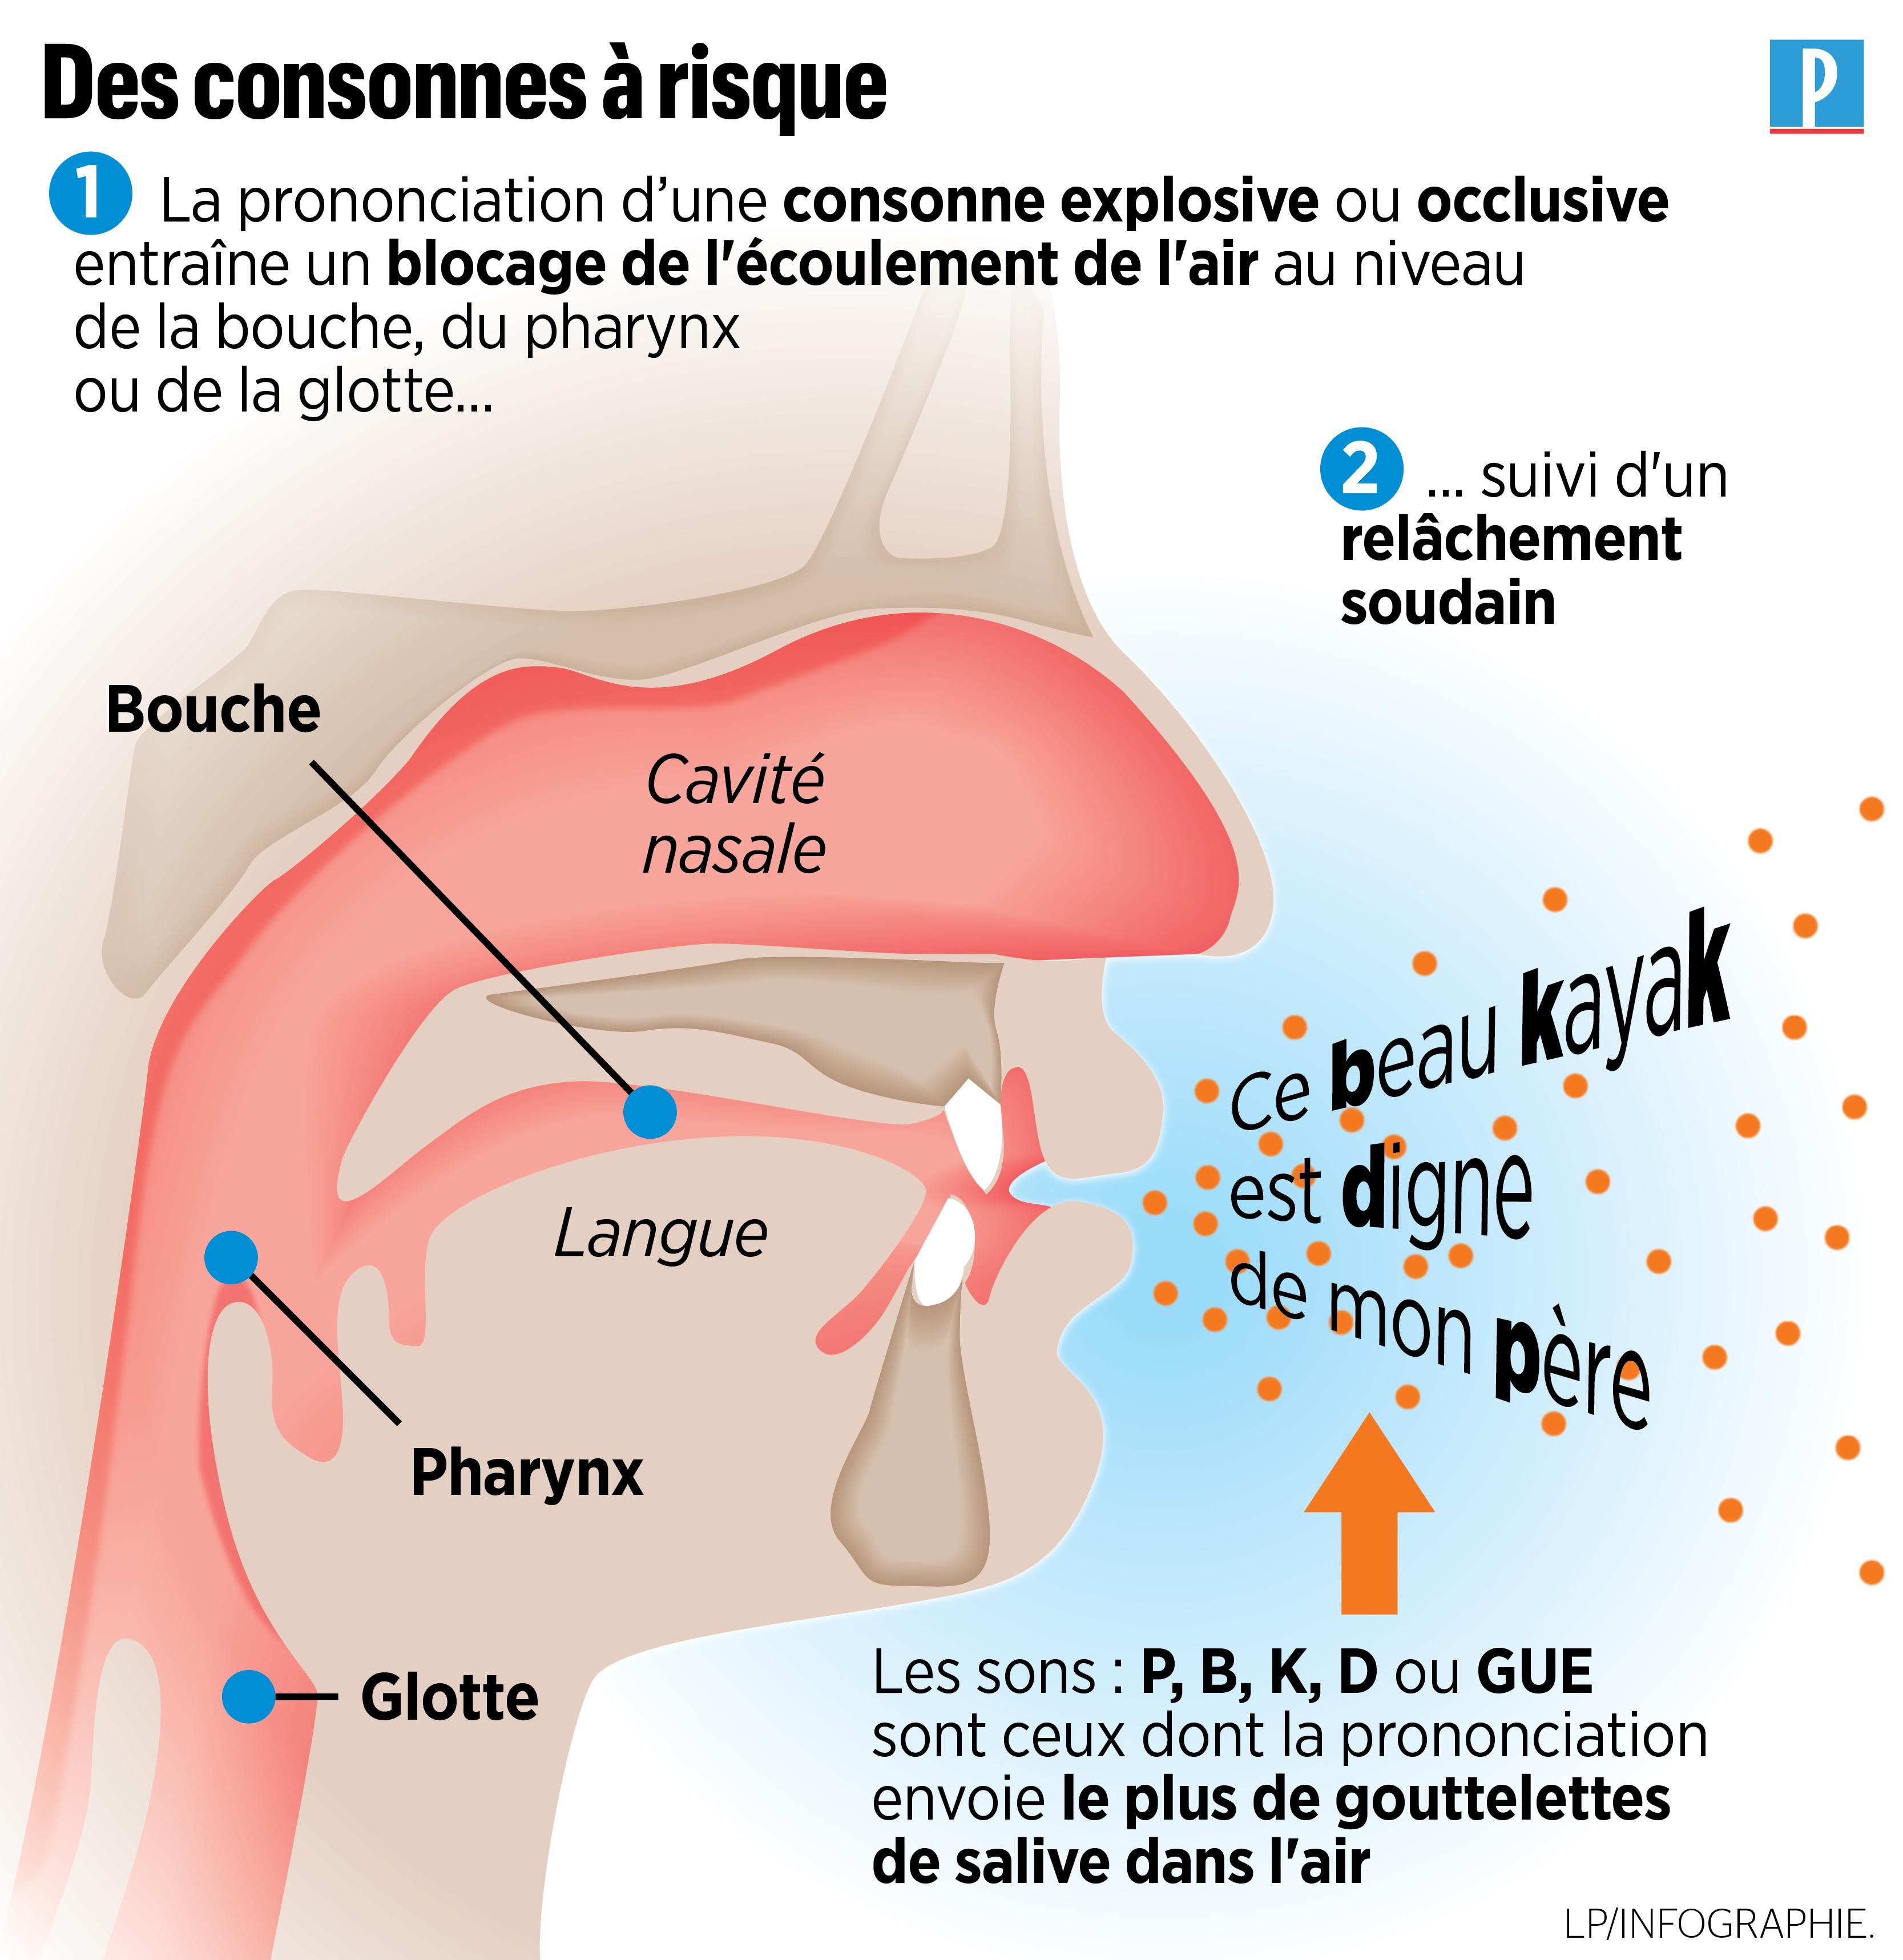 Le coronavirus COVID-19 - Infos, évolution et conséquences - Page 5 Ej6bKiVWoAAv6L_?format=jpg&name=4096x4096